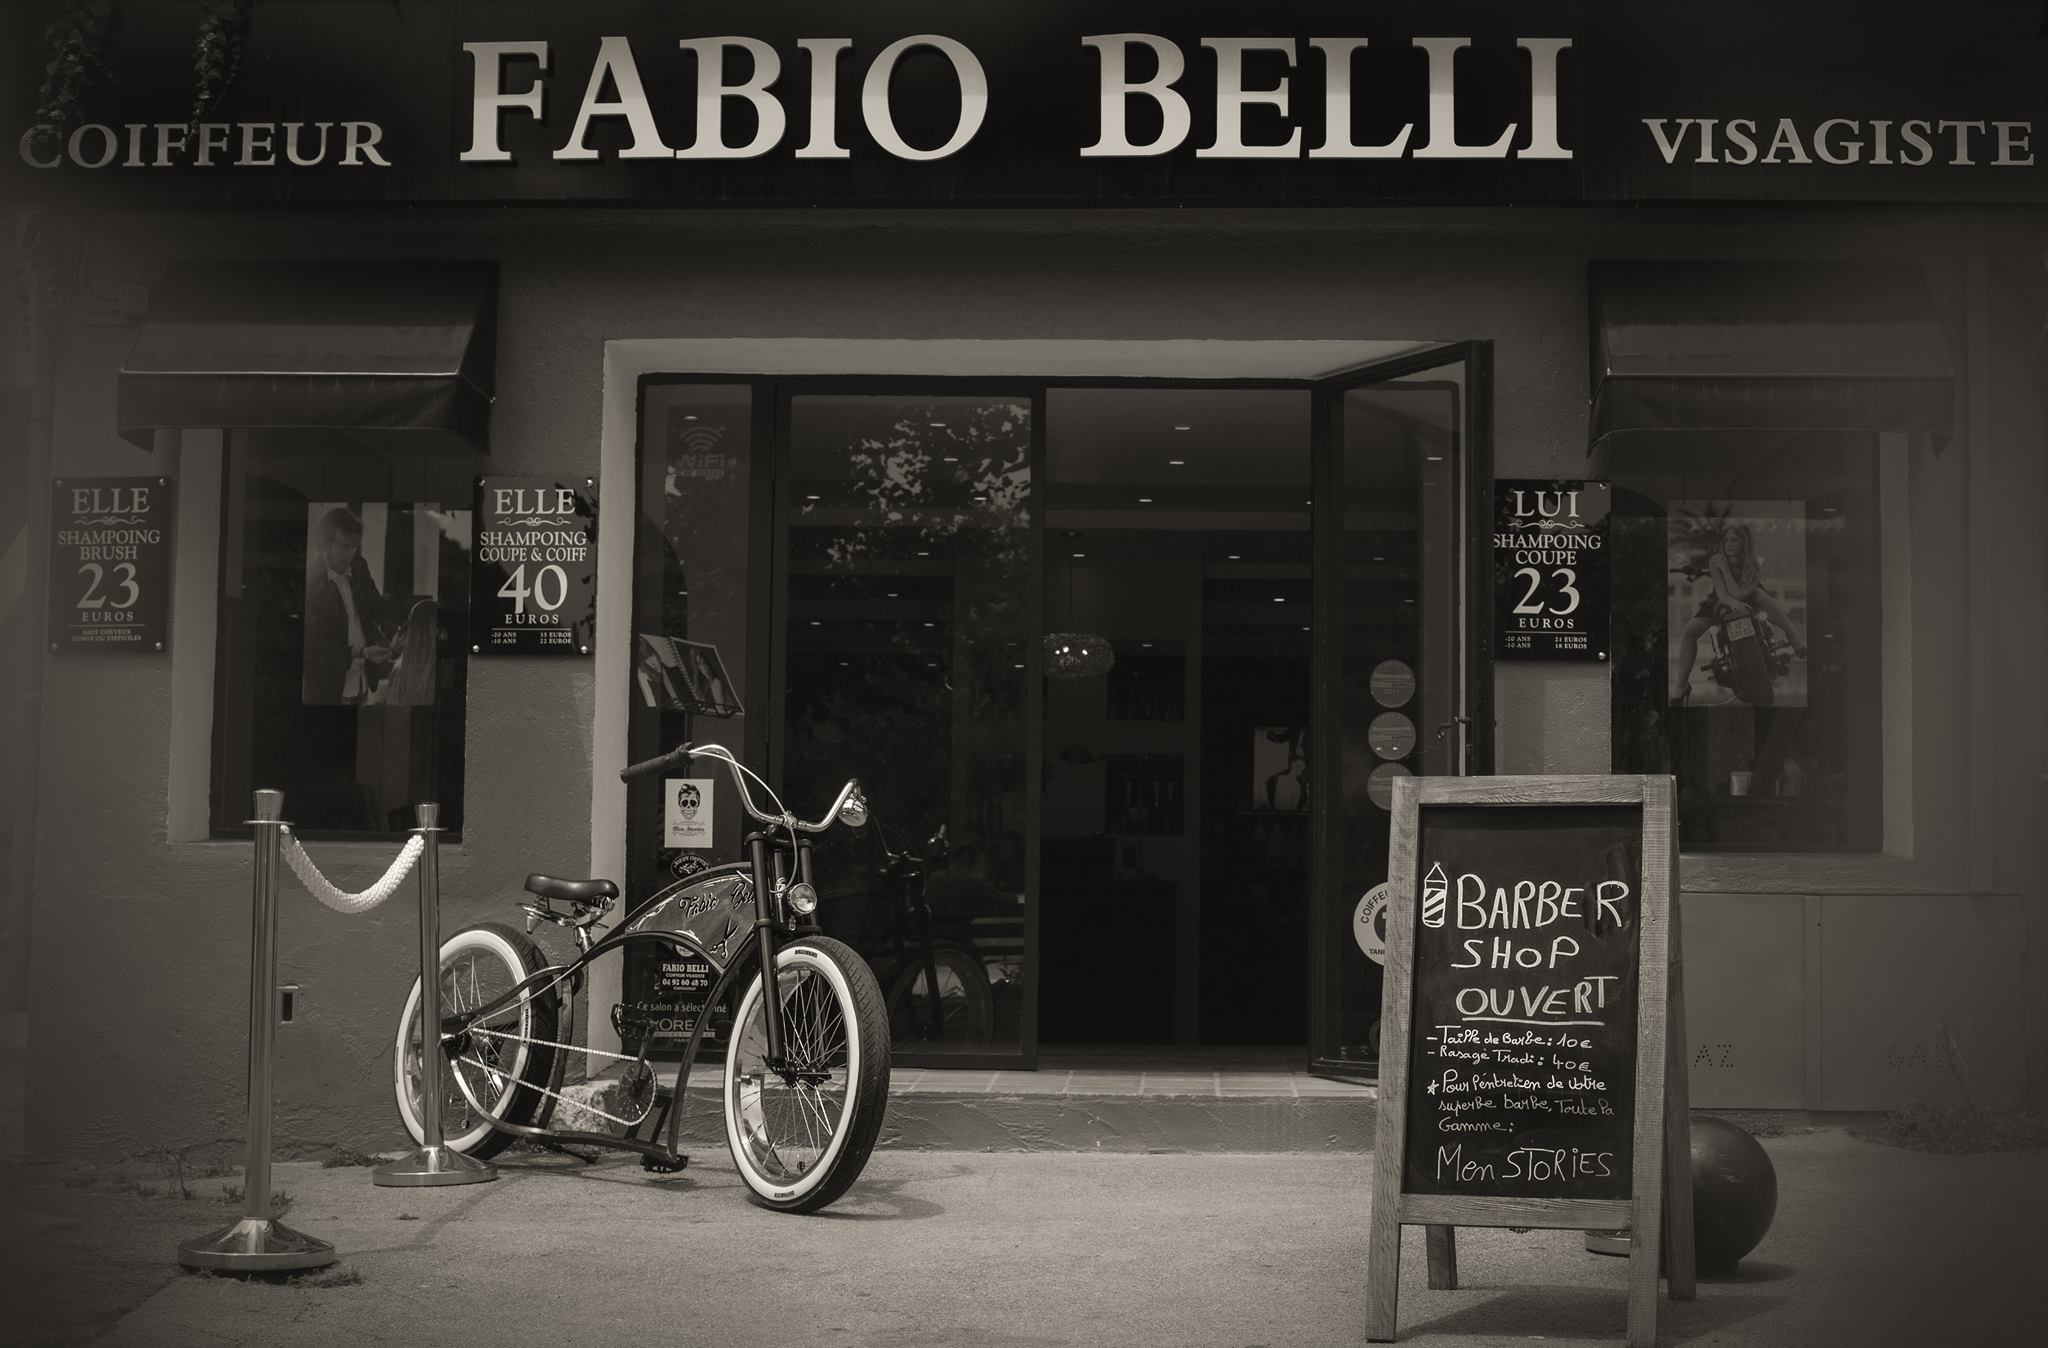 Fabio Belli à Châteauneuf-Grasse